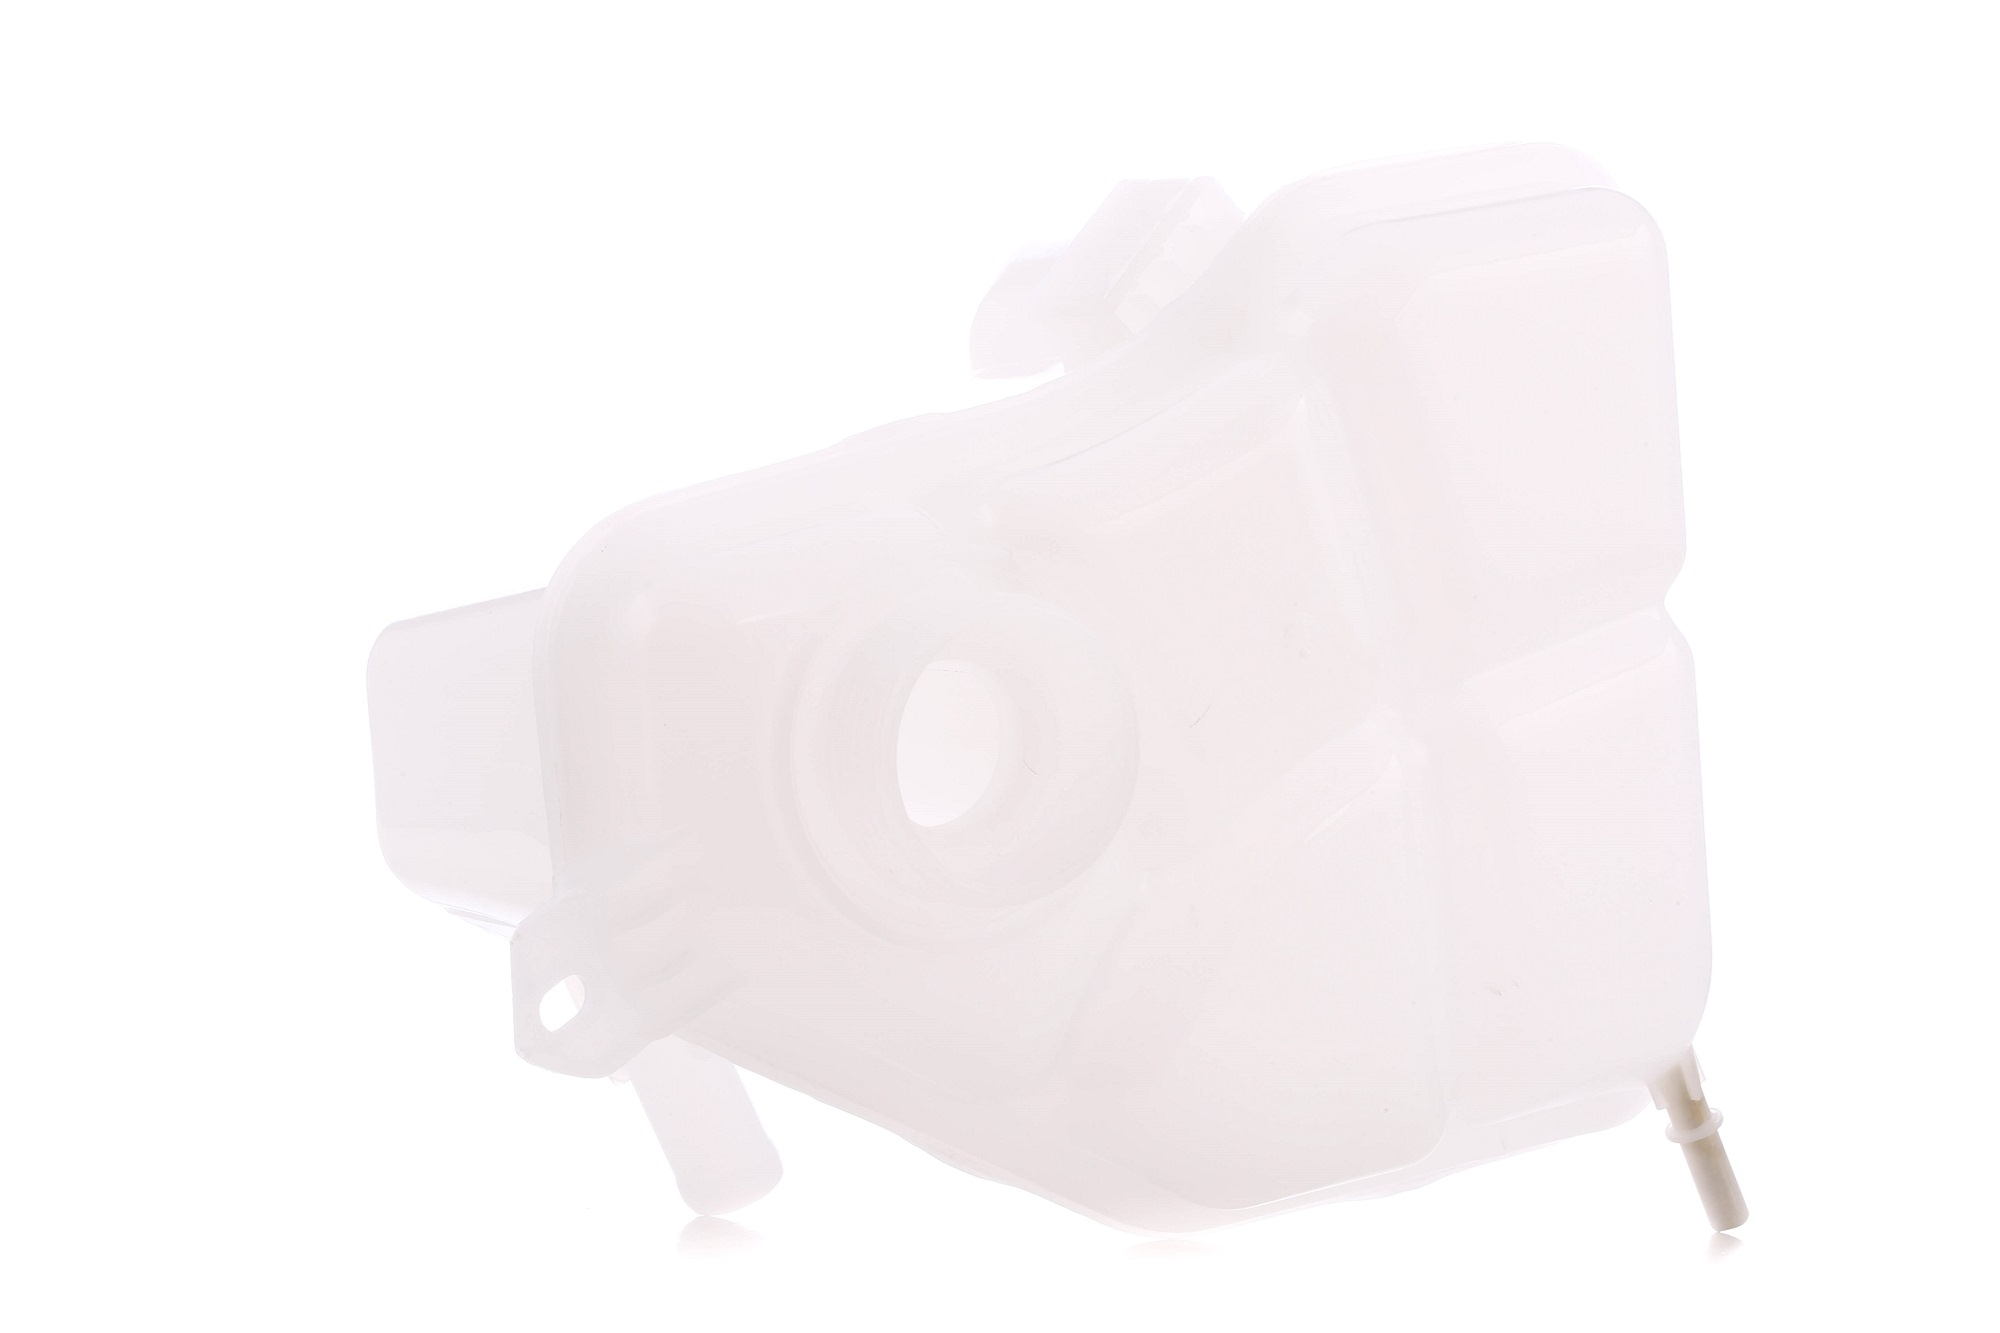 Kühler Ausgleichsbehälter STARK SKET-0960020